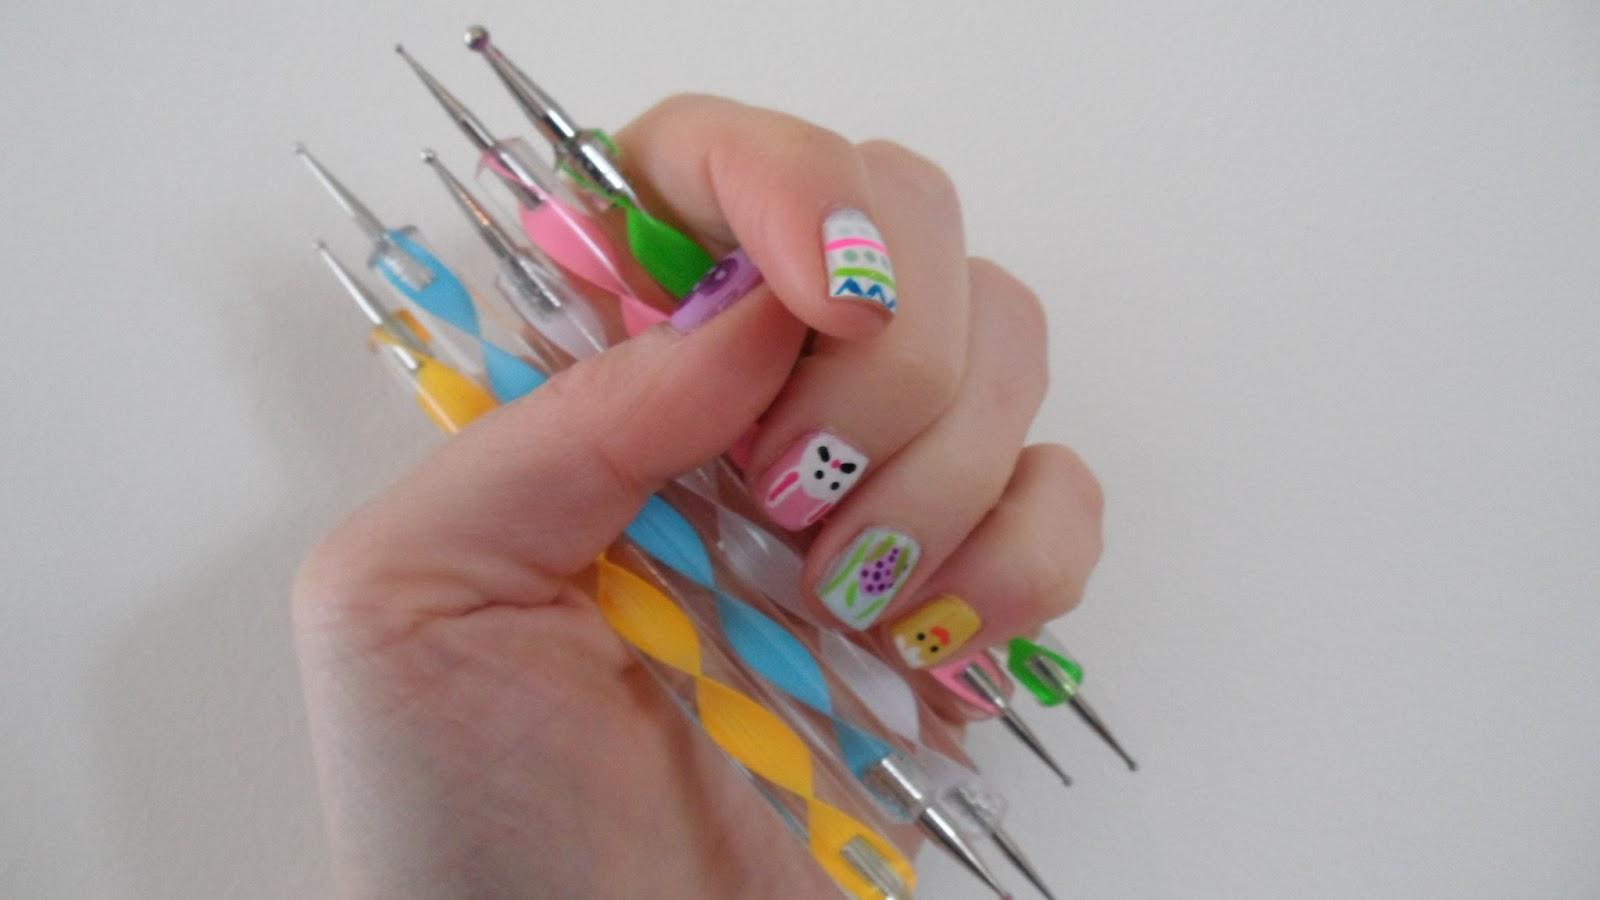 Nail art dotting tool ideas i used dotting tools to apply